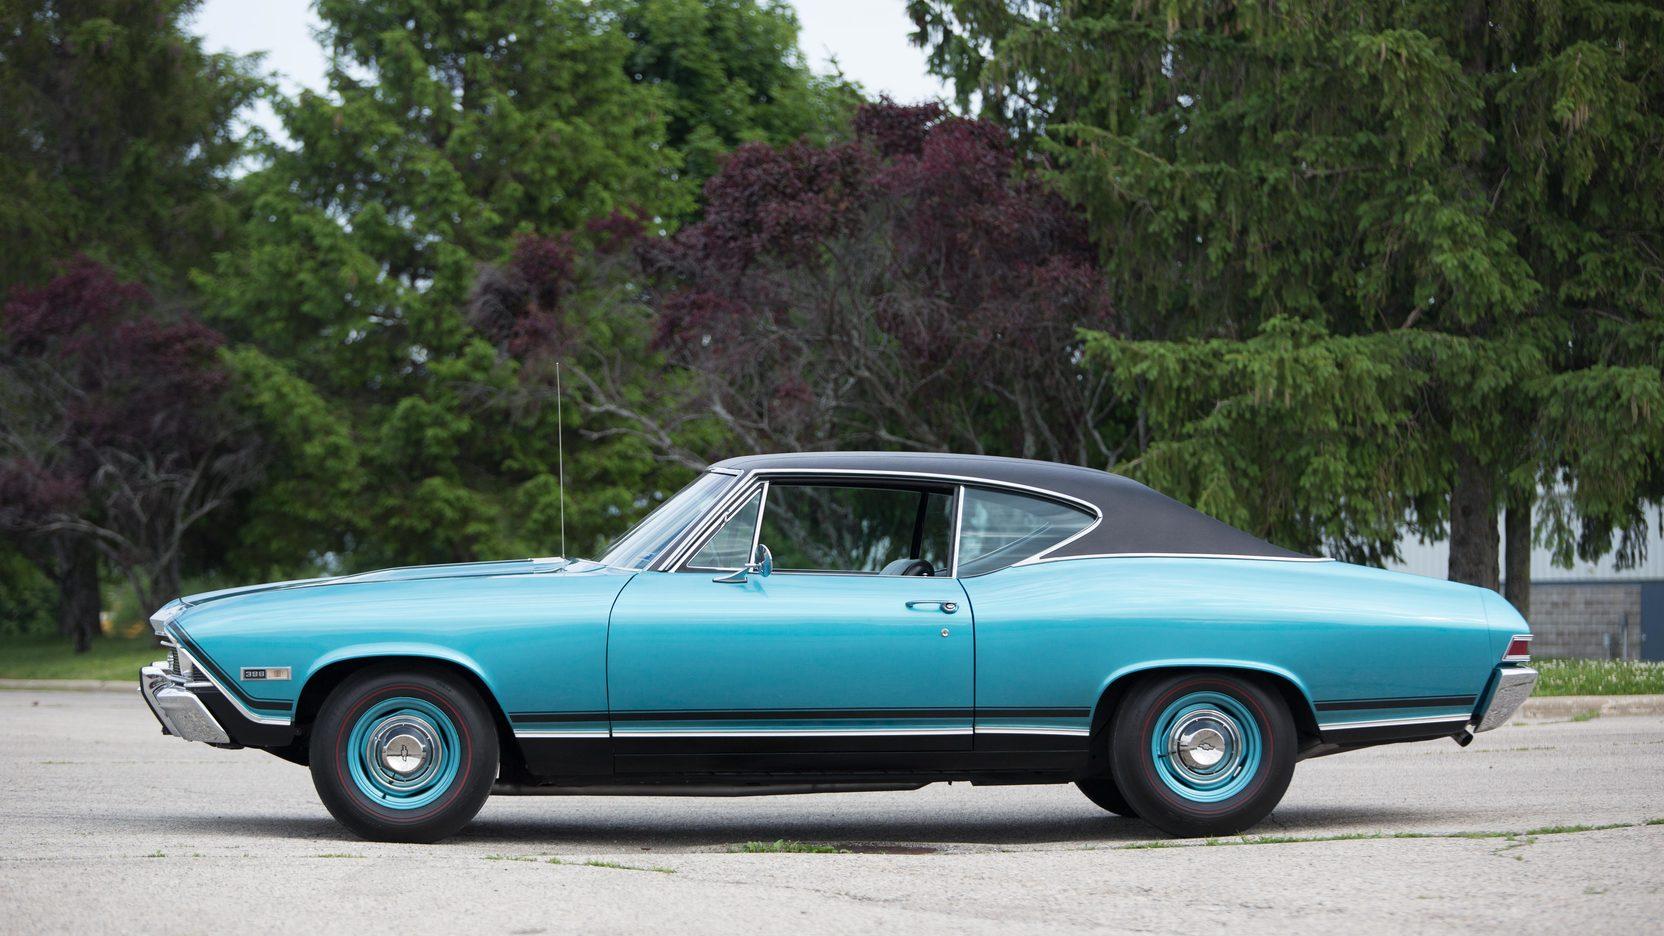 1968 Chevrolet Chevelle SS  S64  Kansas City Spring 2016